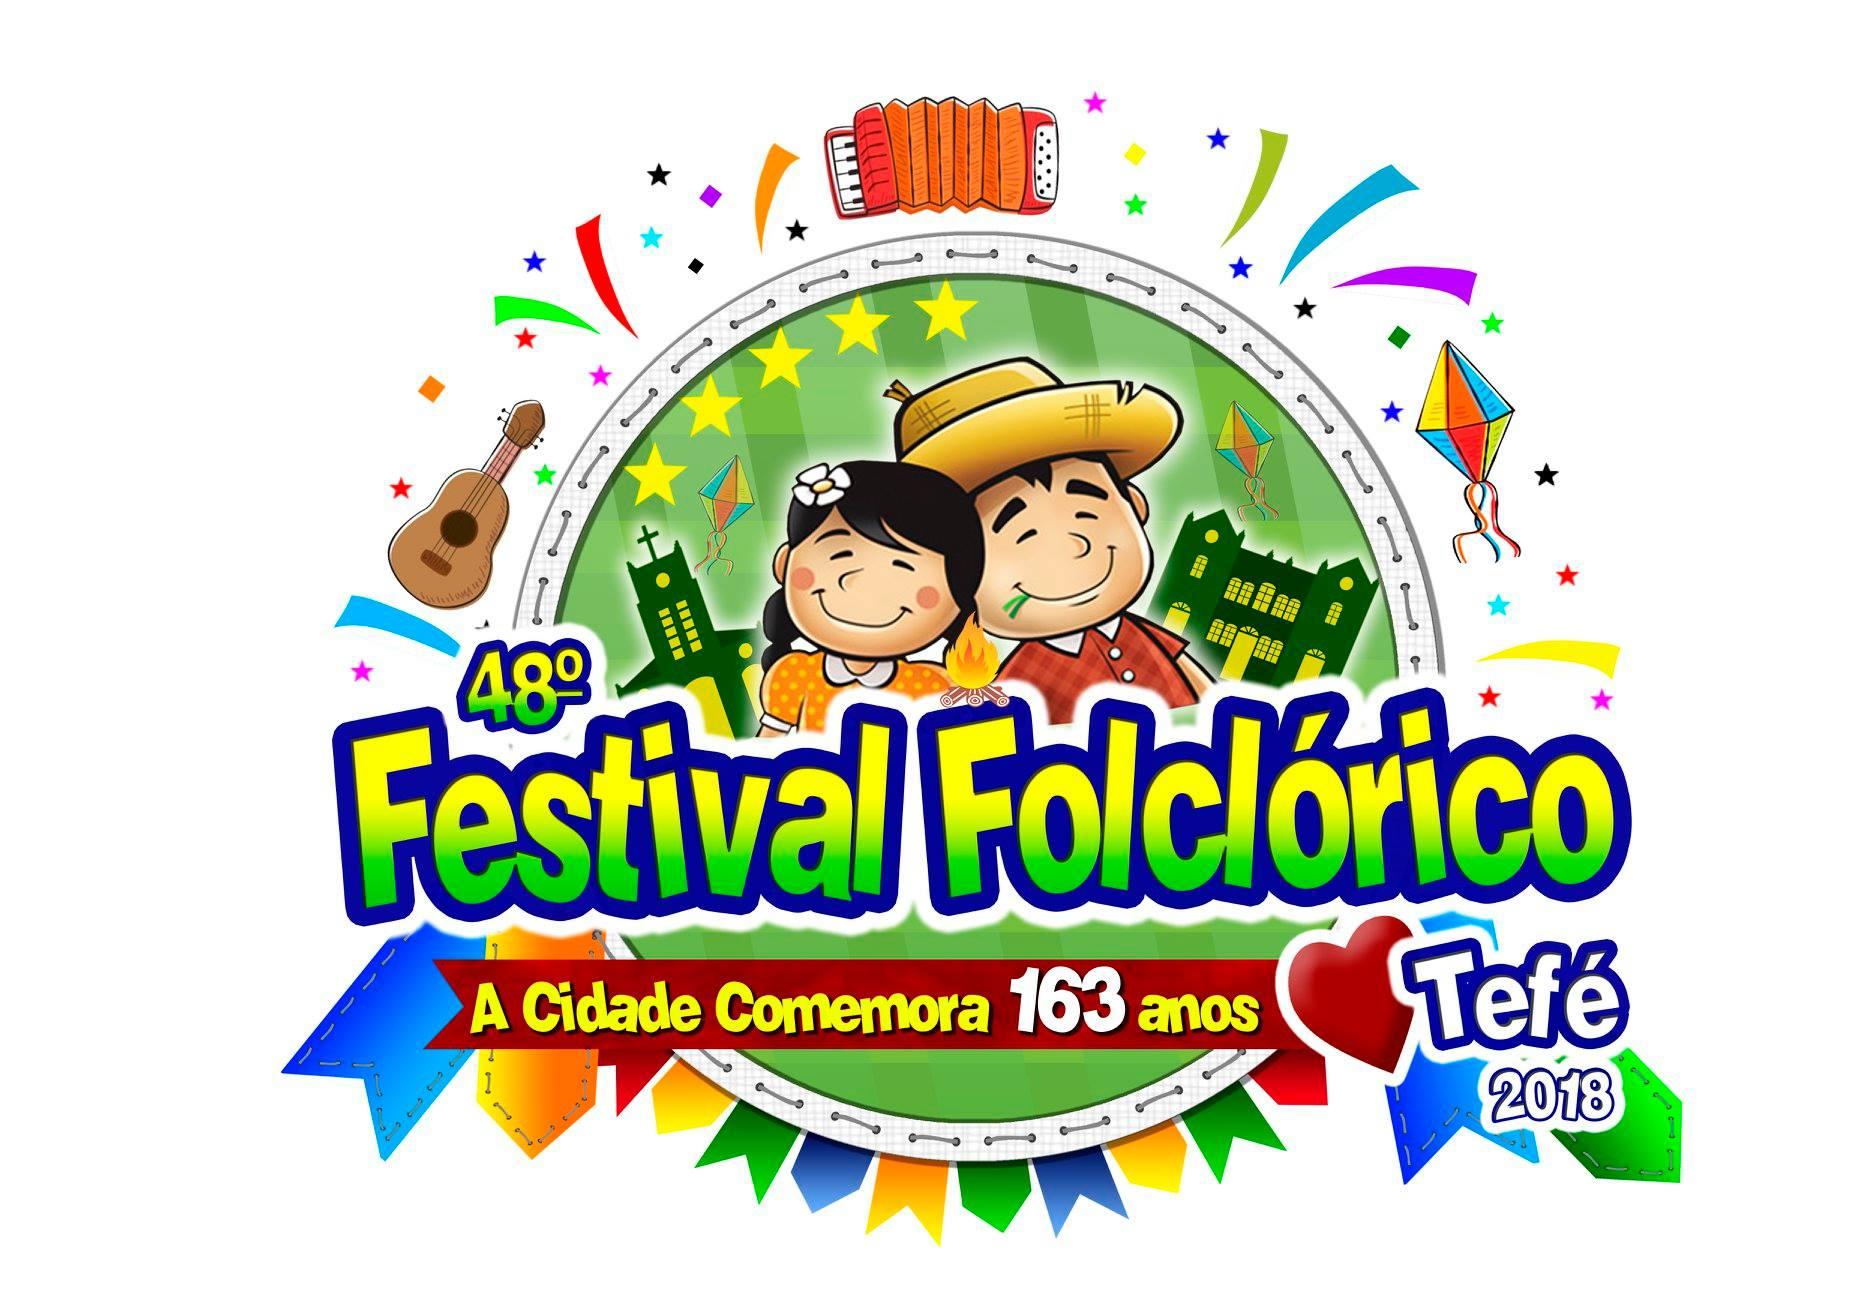 Tefé festeja na sexta-feira (15/6) 163 anos, confira a programação - Imagem: Divulgação